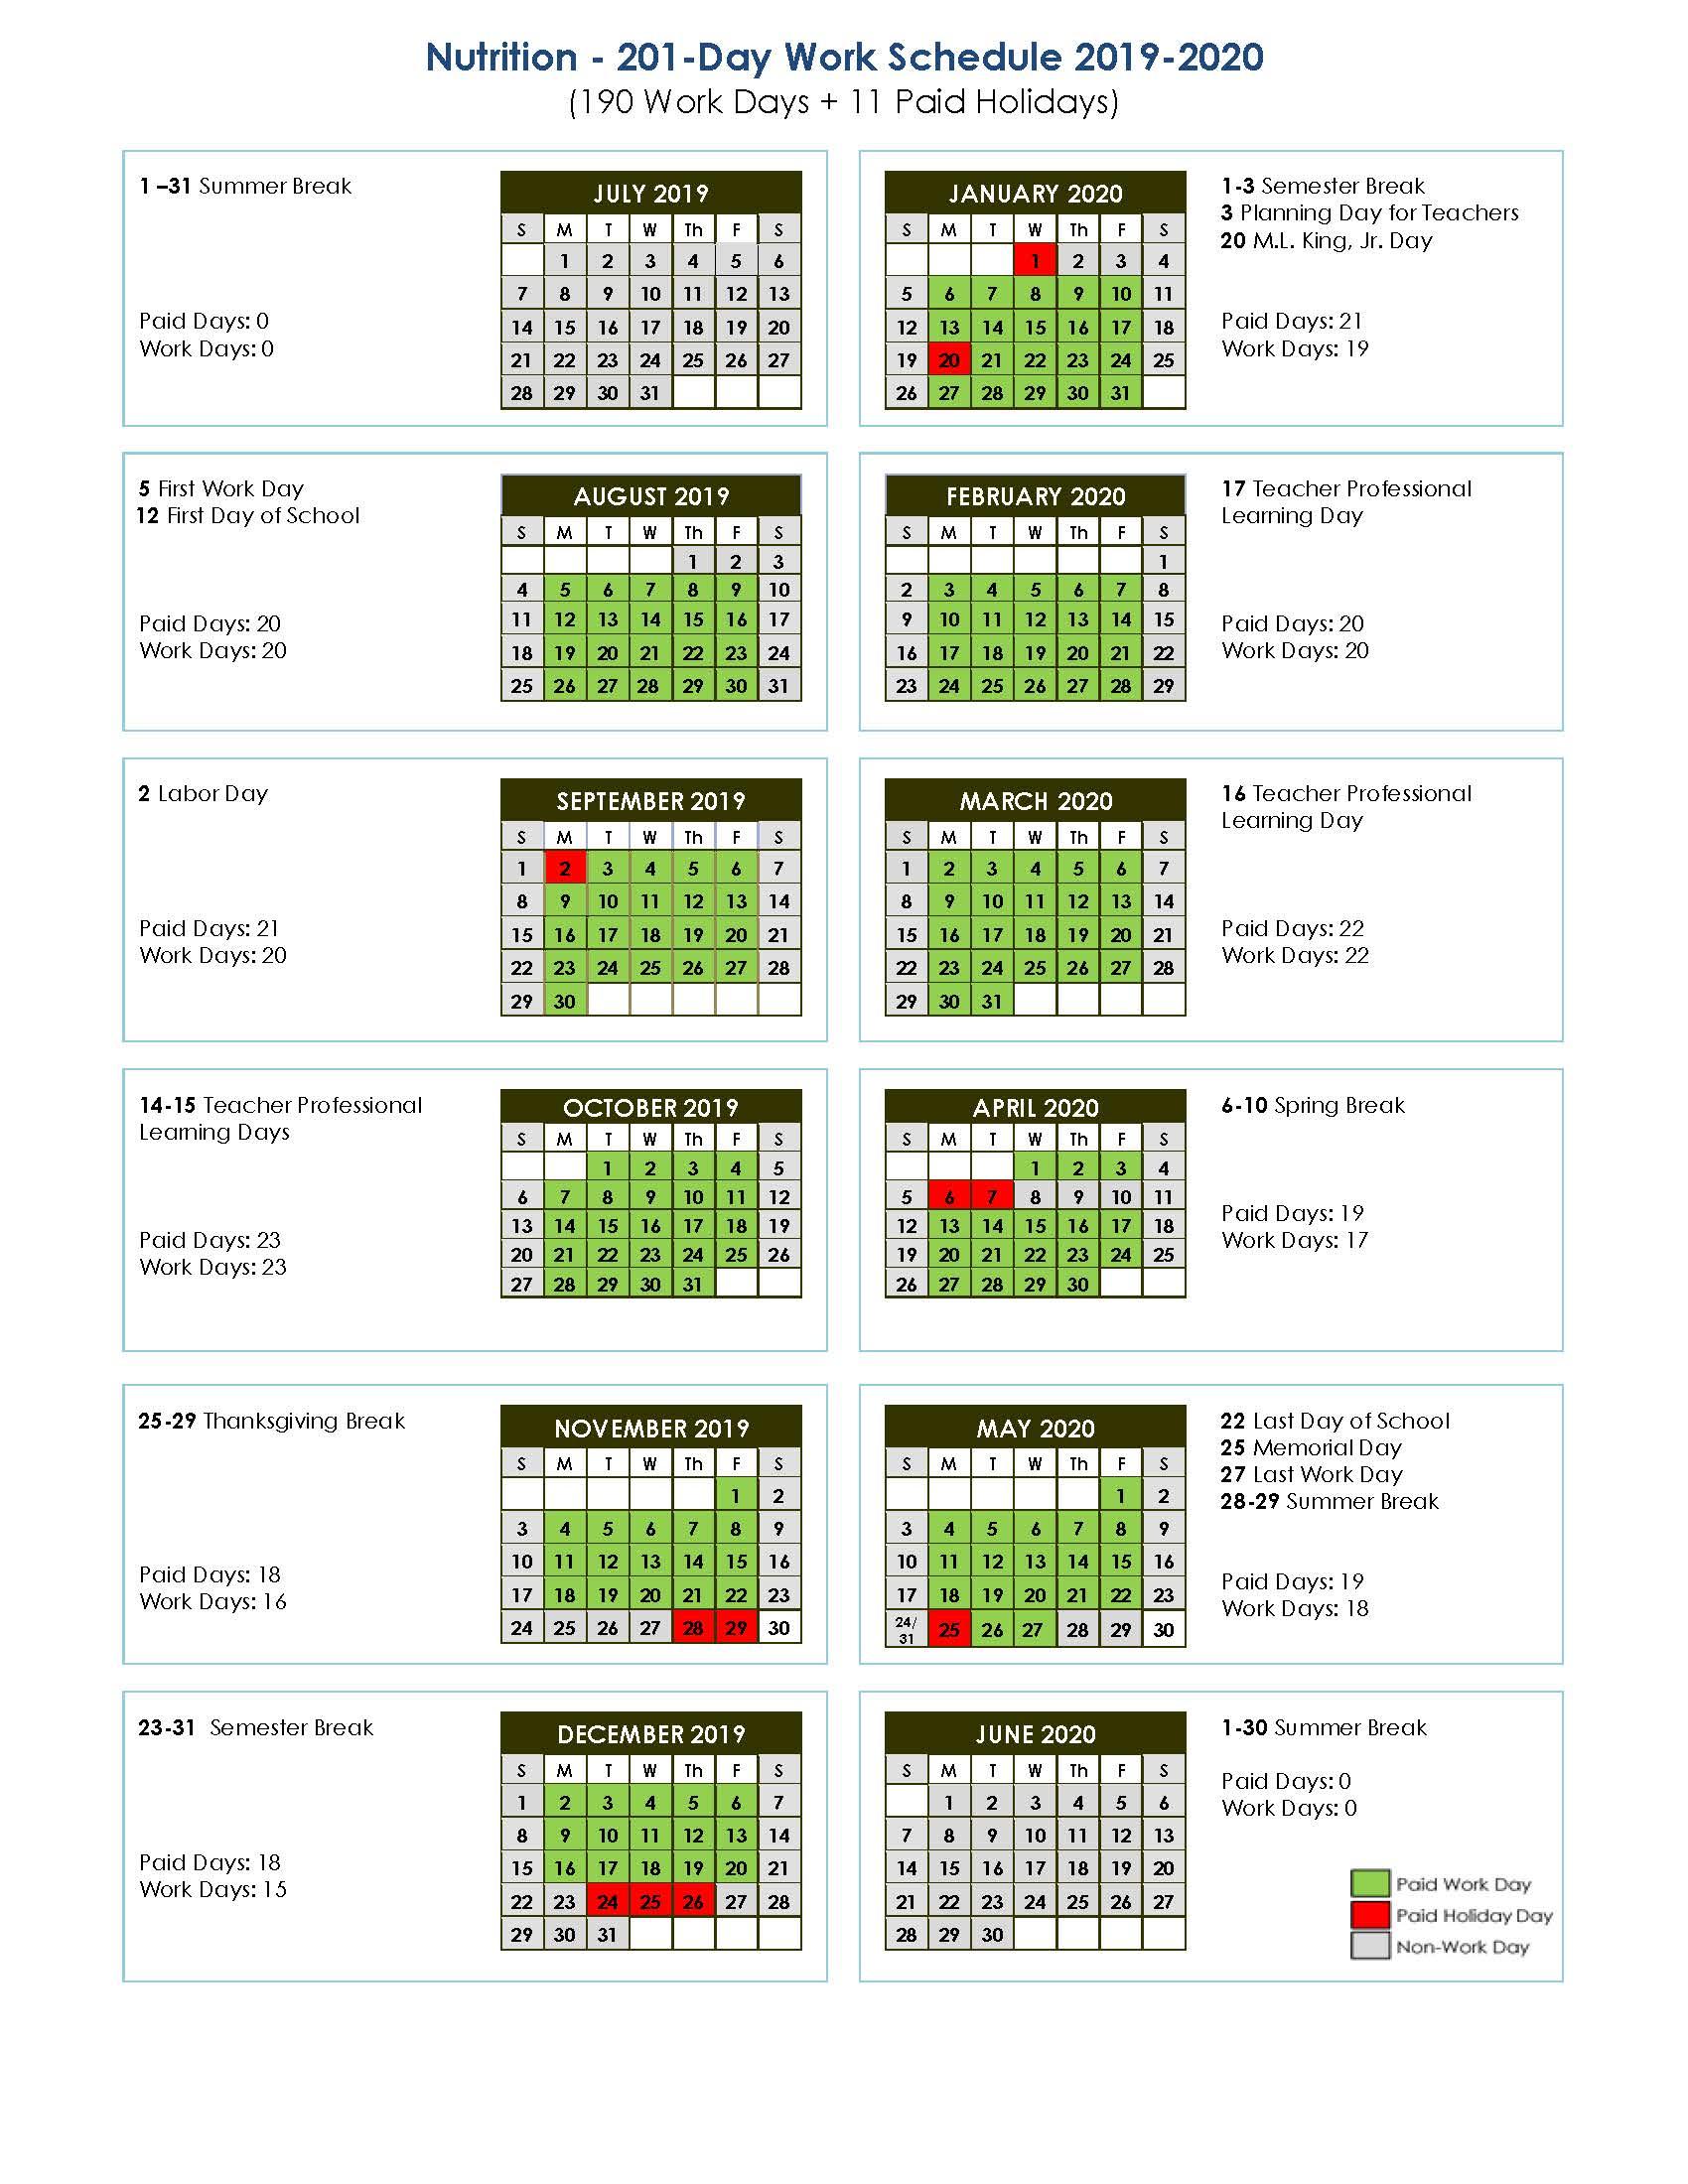 Nutruition 201-Day Work Schedule